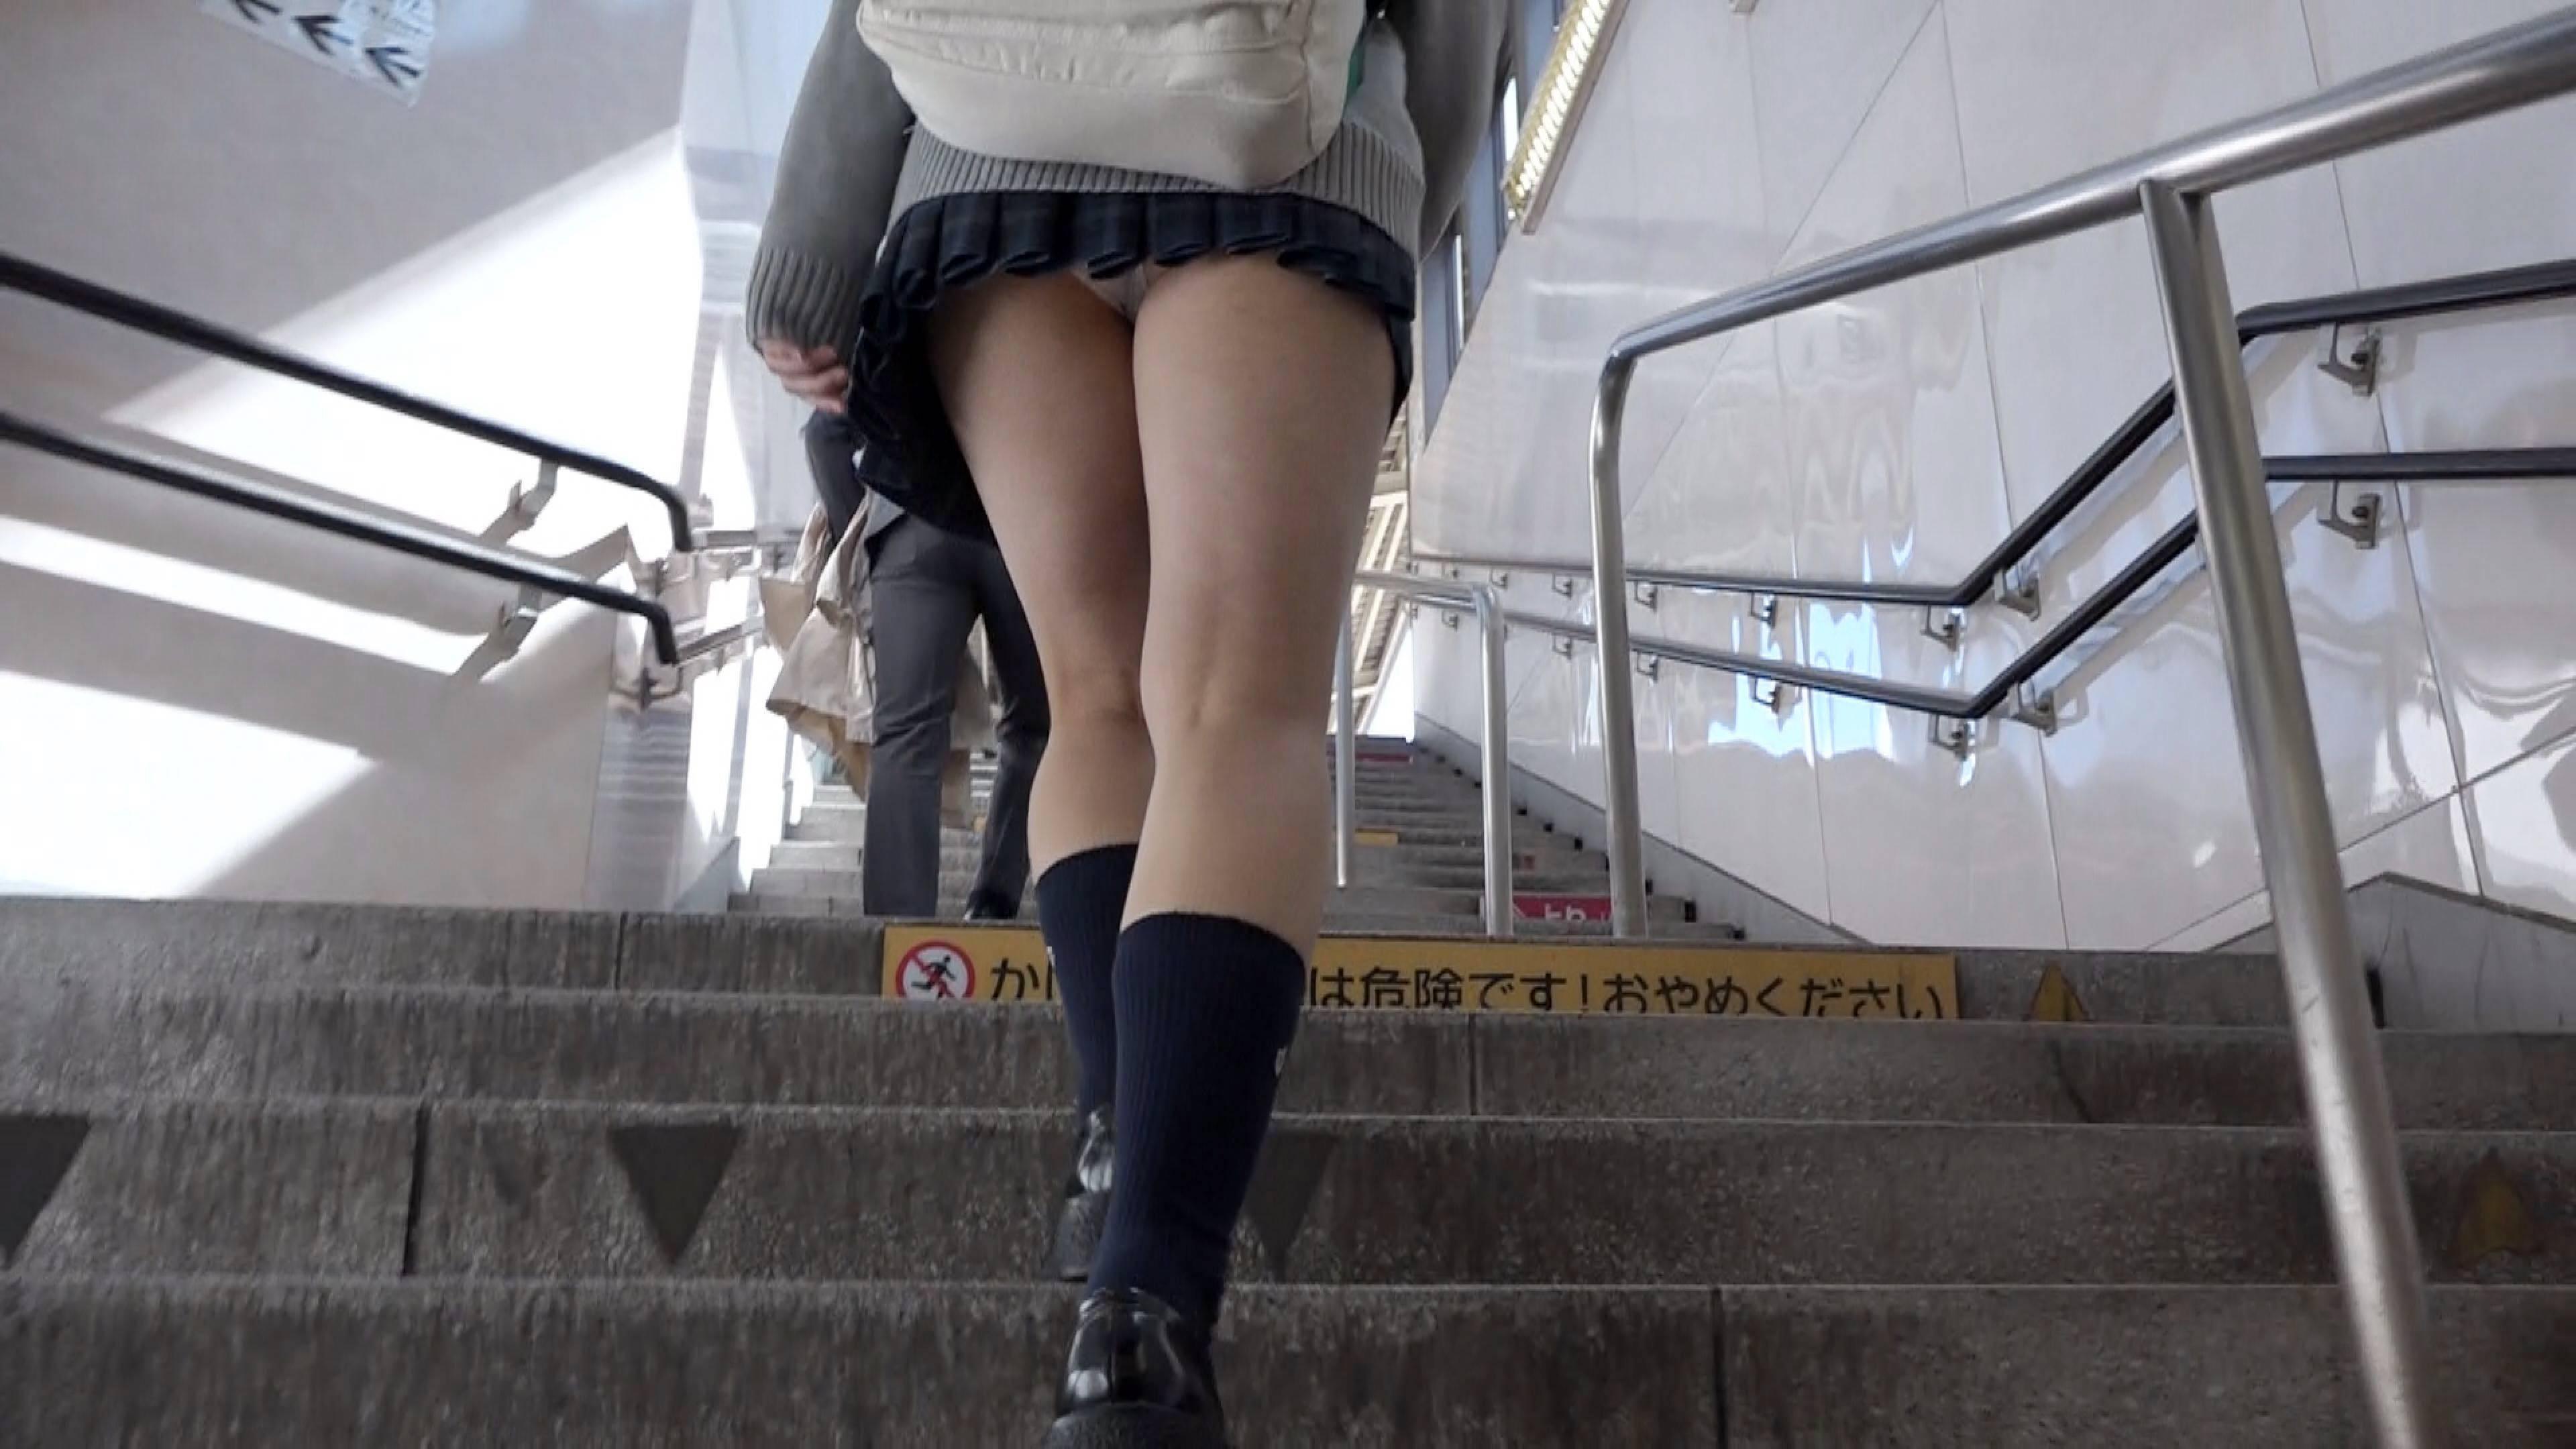 【パンチラエロ画像】階段を登る女子高生を後ろから見上げると素晴らしい光景がひろがるwwずっと見ていたいパンチラ画像 その12